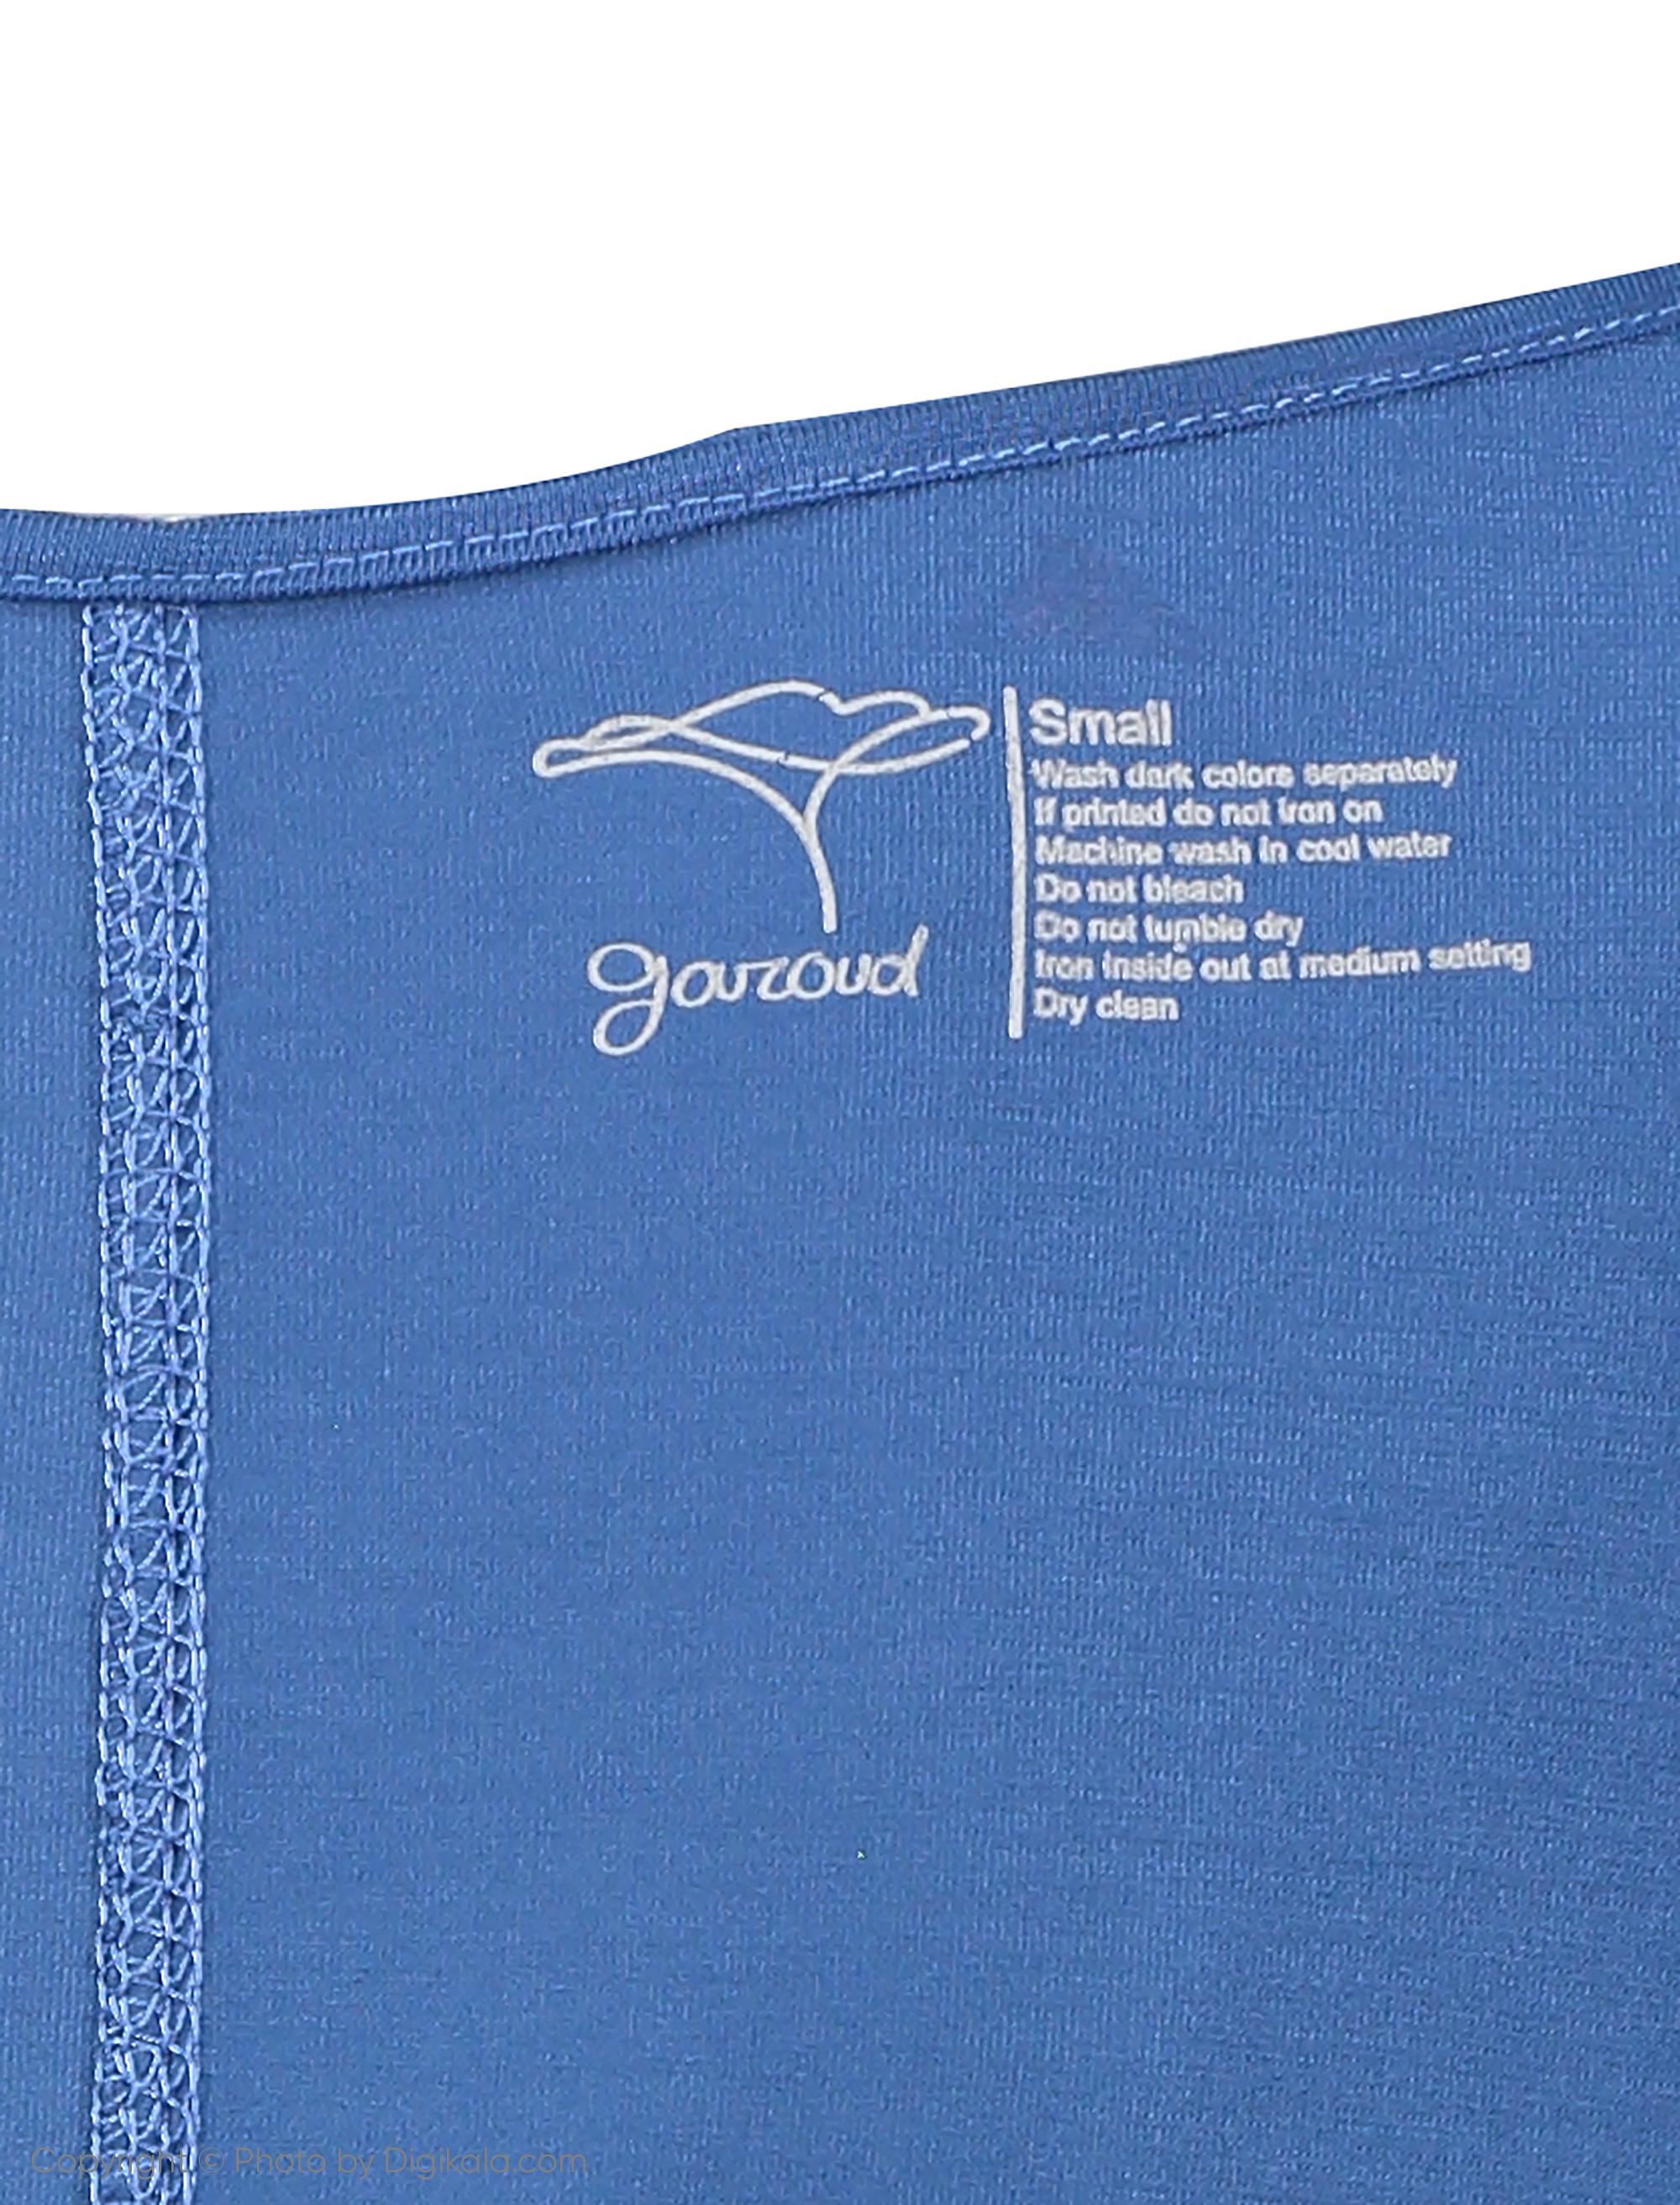 تی شرت زنانه گارودی مدل 1003103022-57 -  - 5